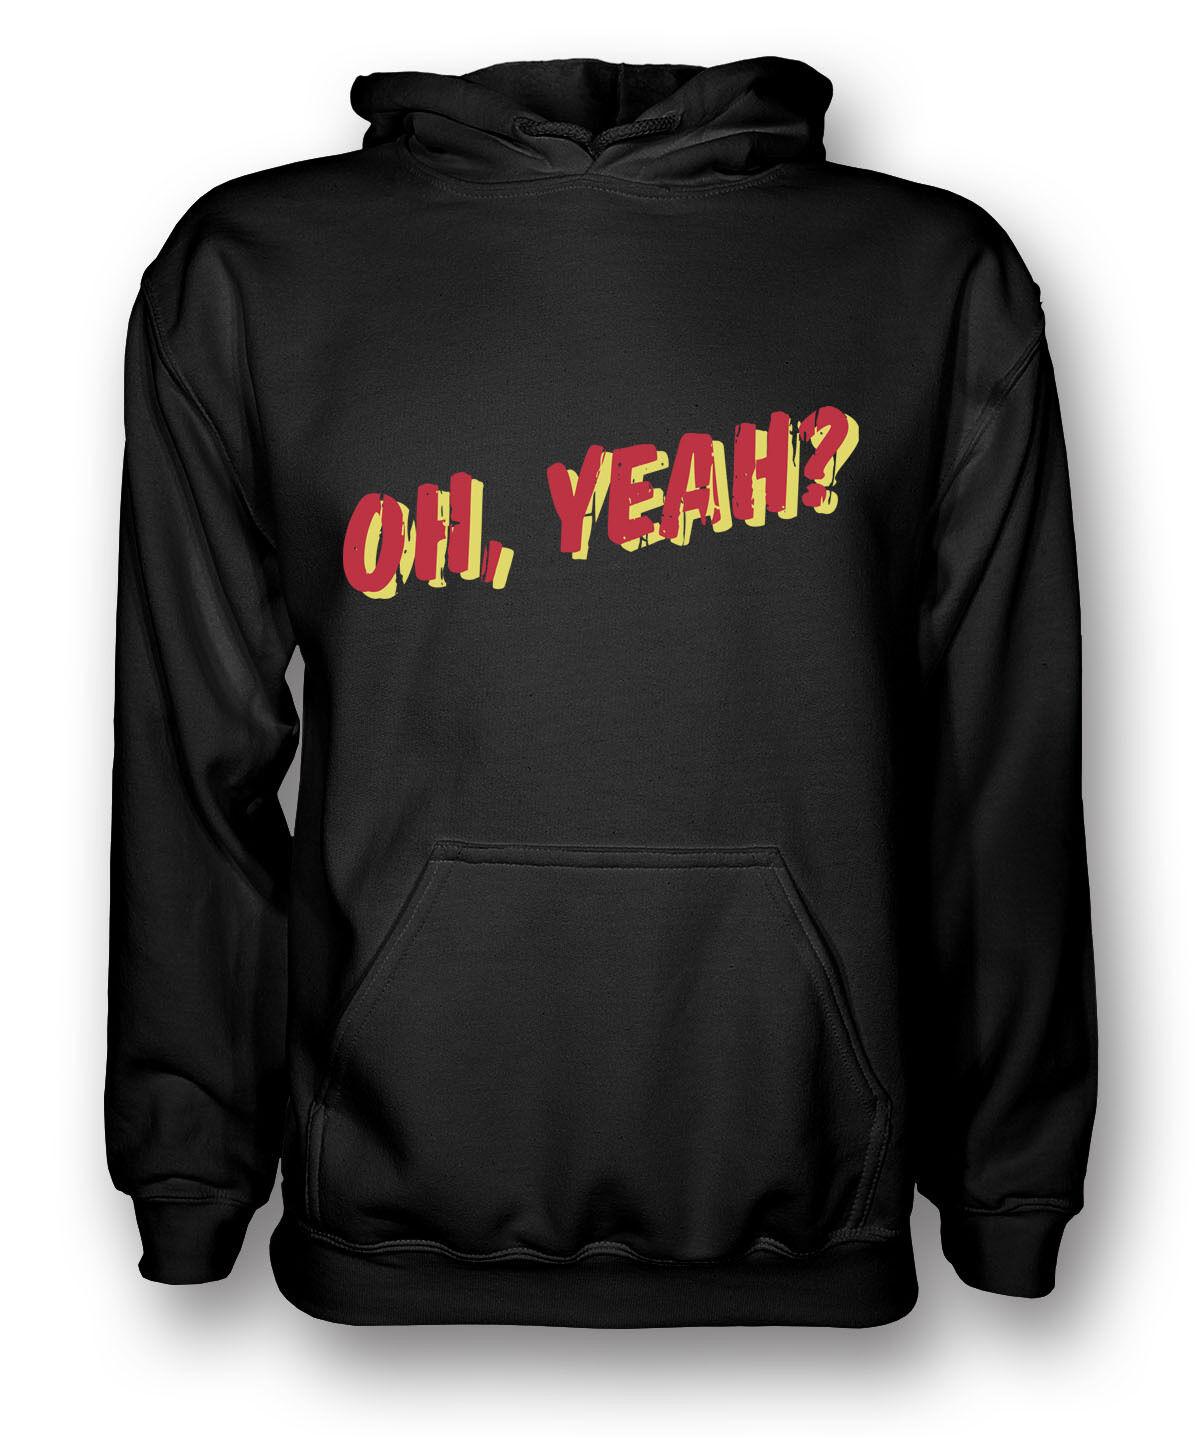 Oh Yeah Yeah Yeah - Funny Slogan - Mens Hoodie 24d5af